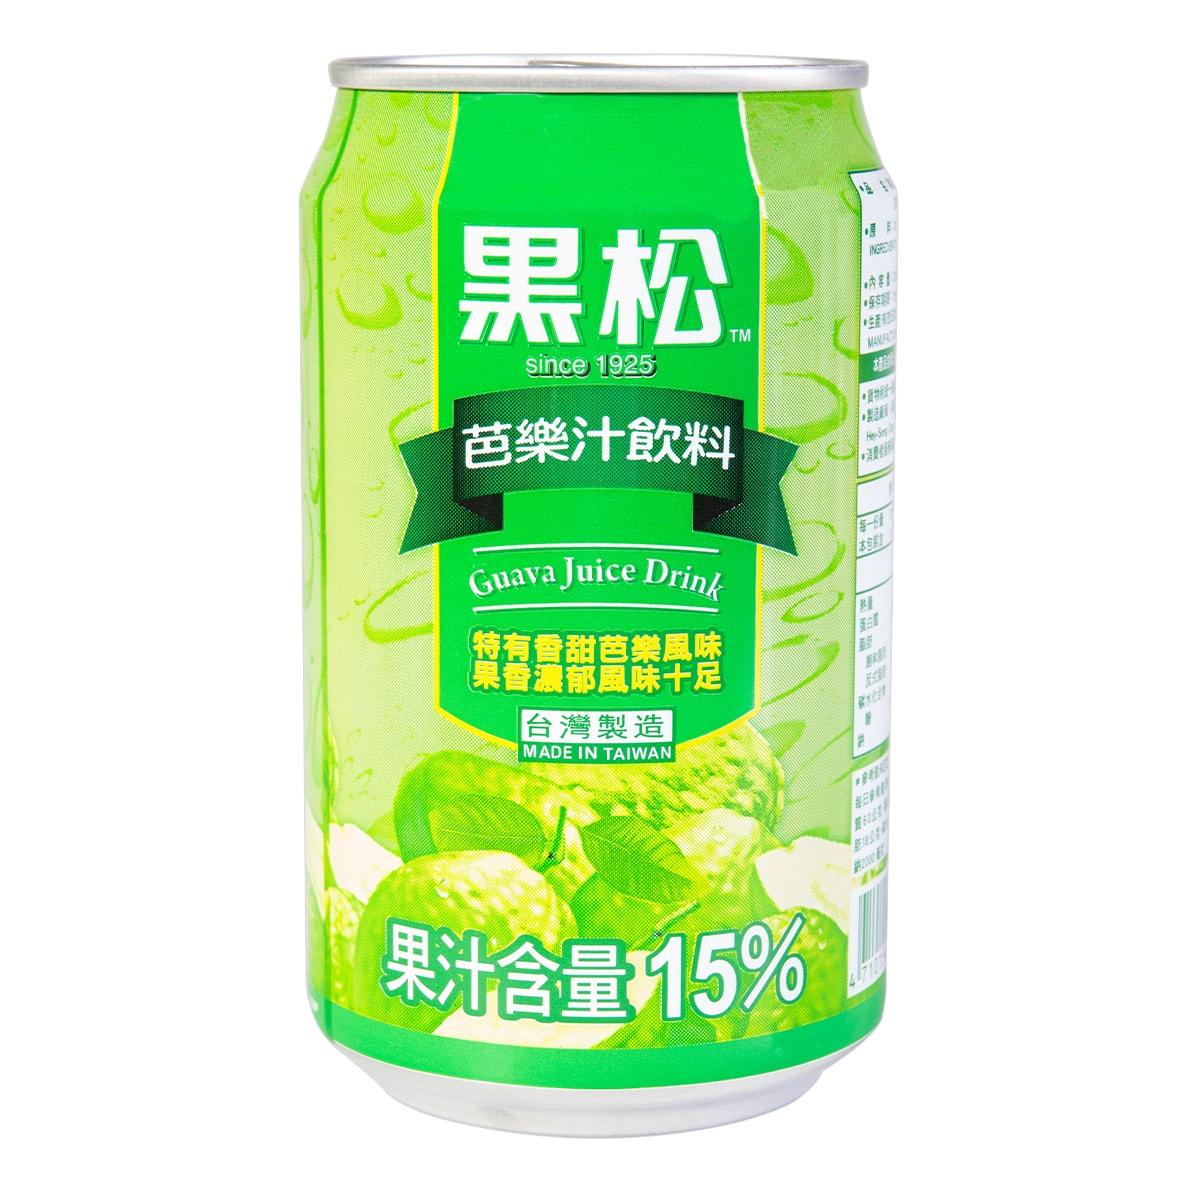 台湾黑松 芭乐汁饮料 320ml